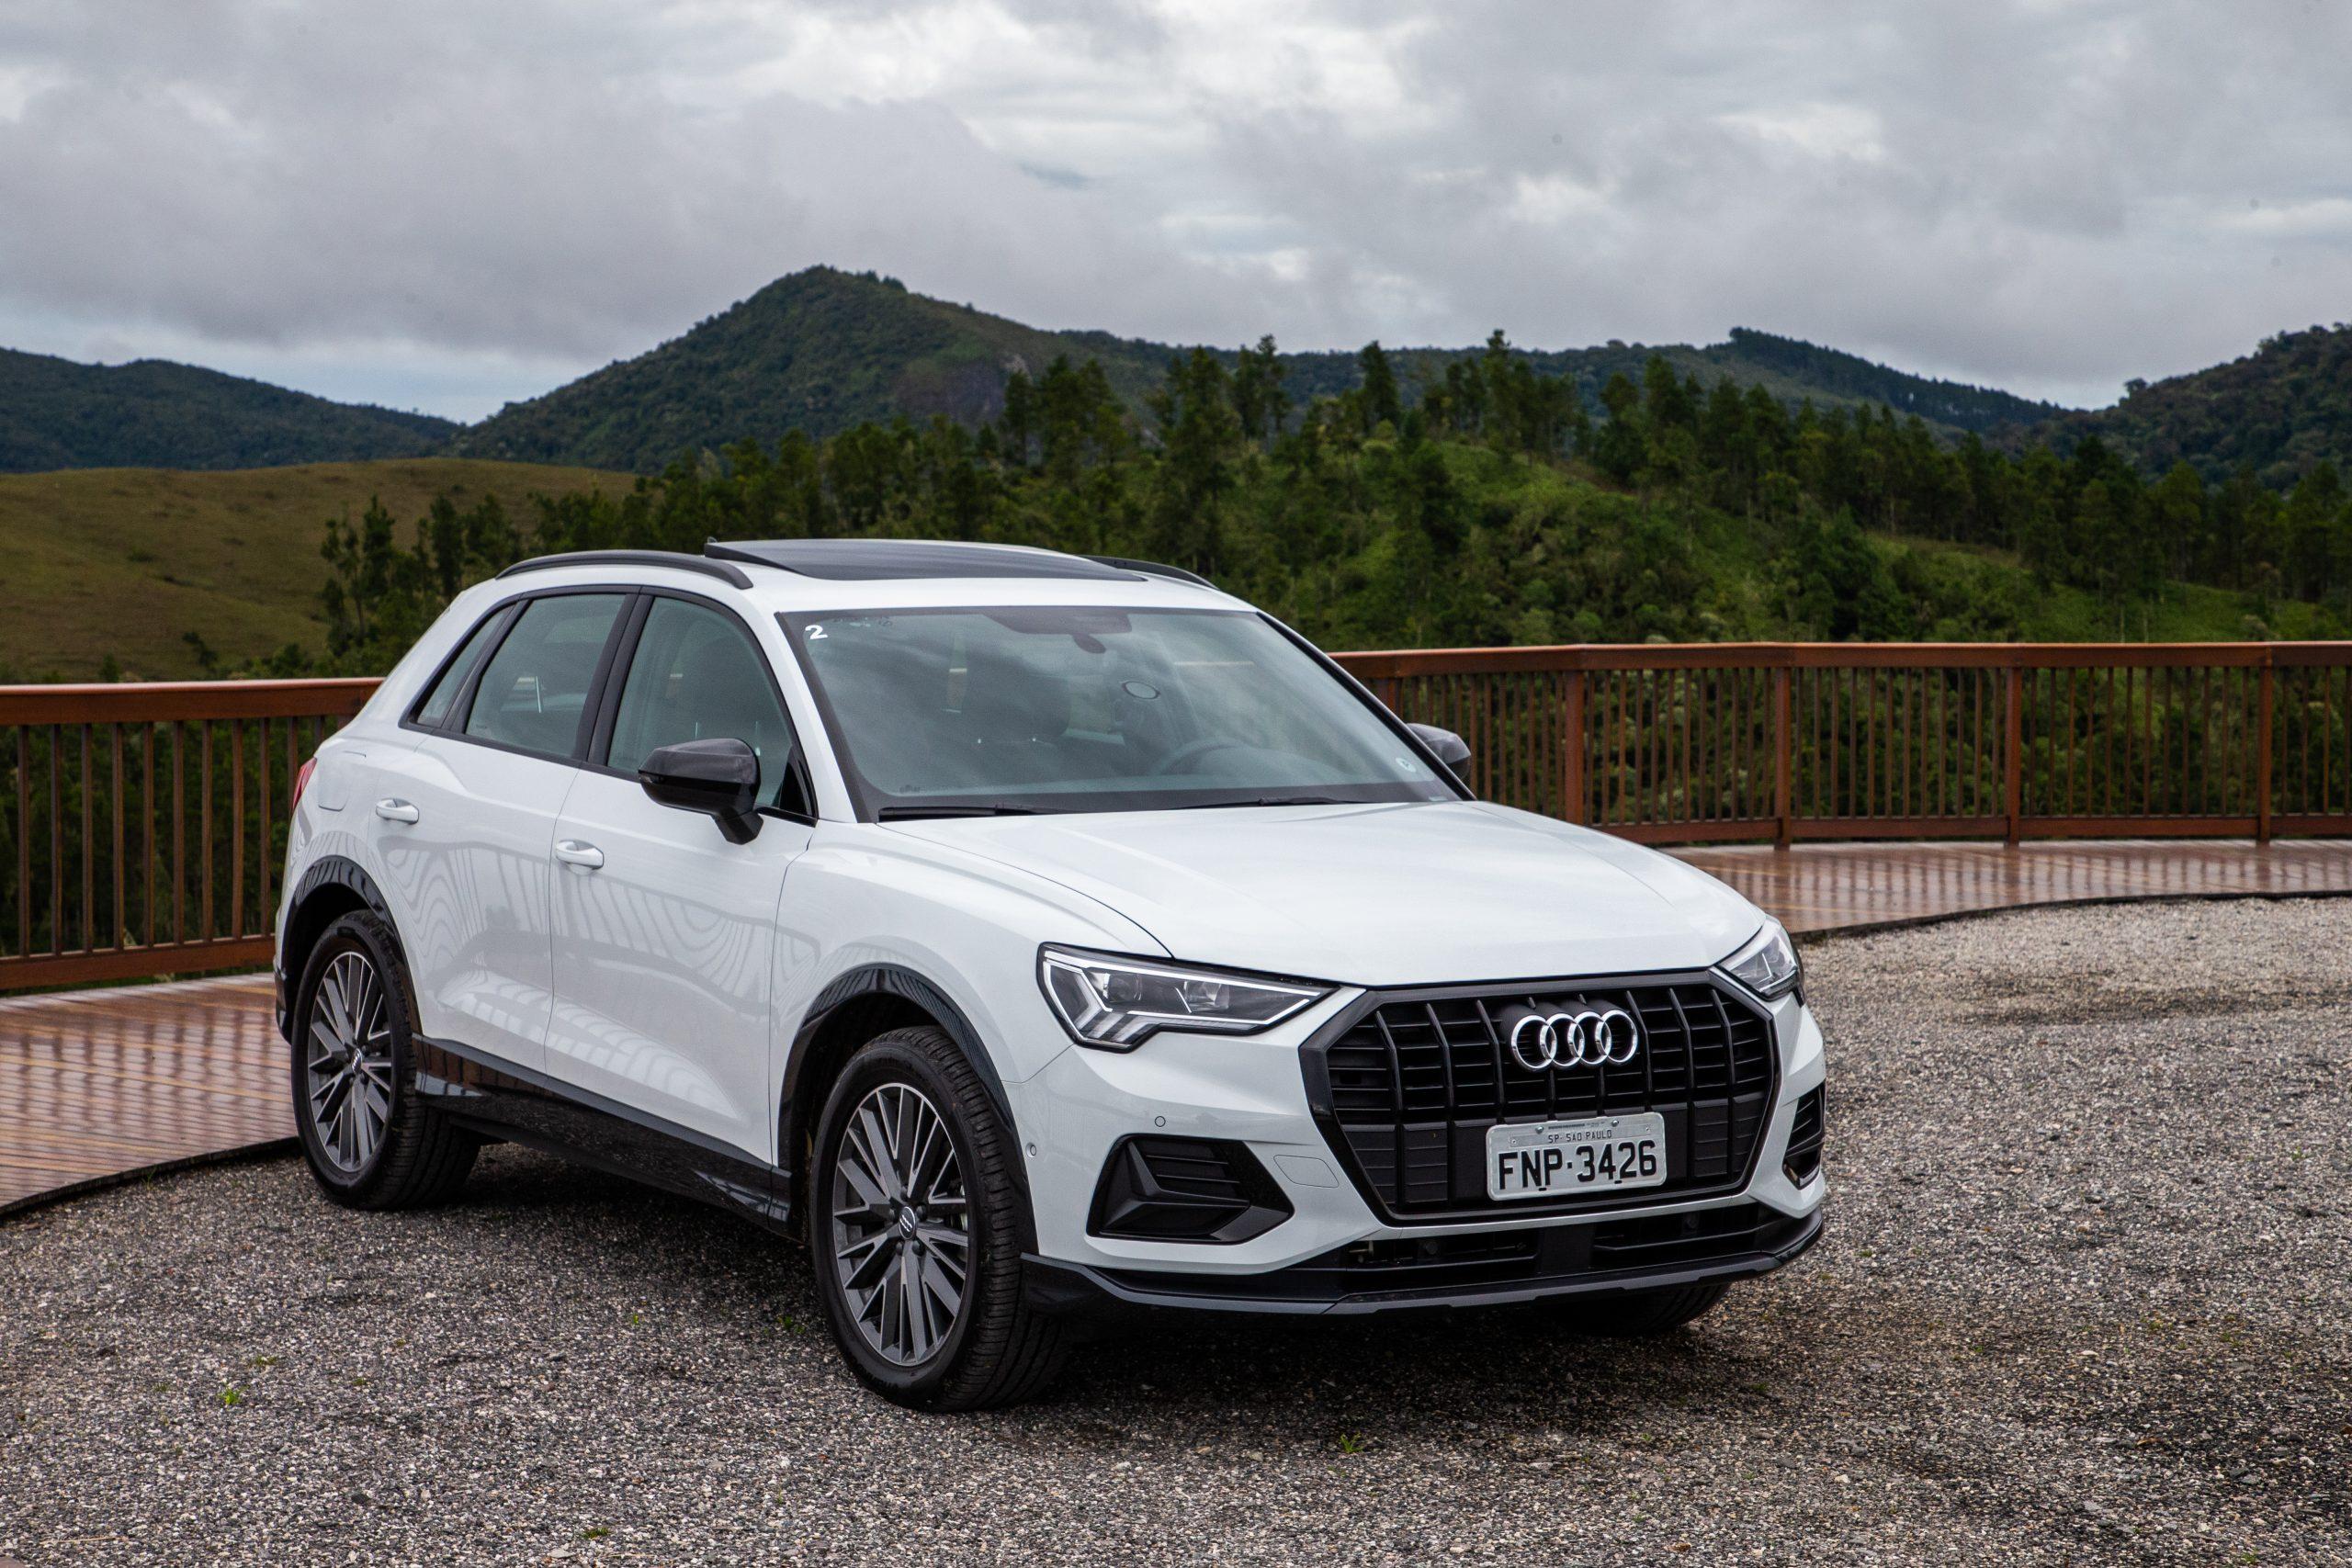 Novo Audi Q3 Oferece Mais Espaco Interno E Maior Porta Malas Da Categoria